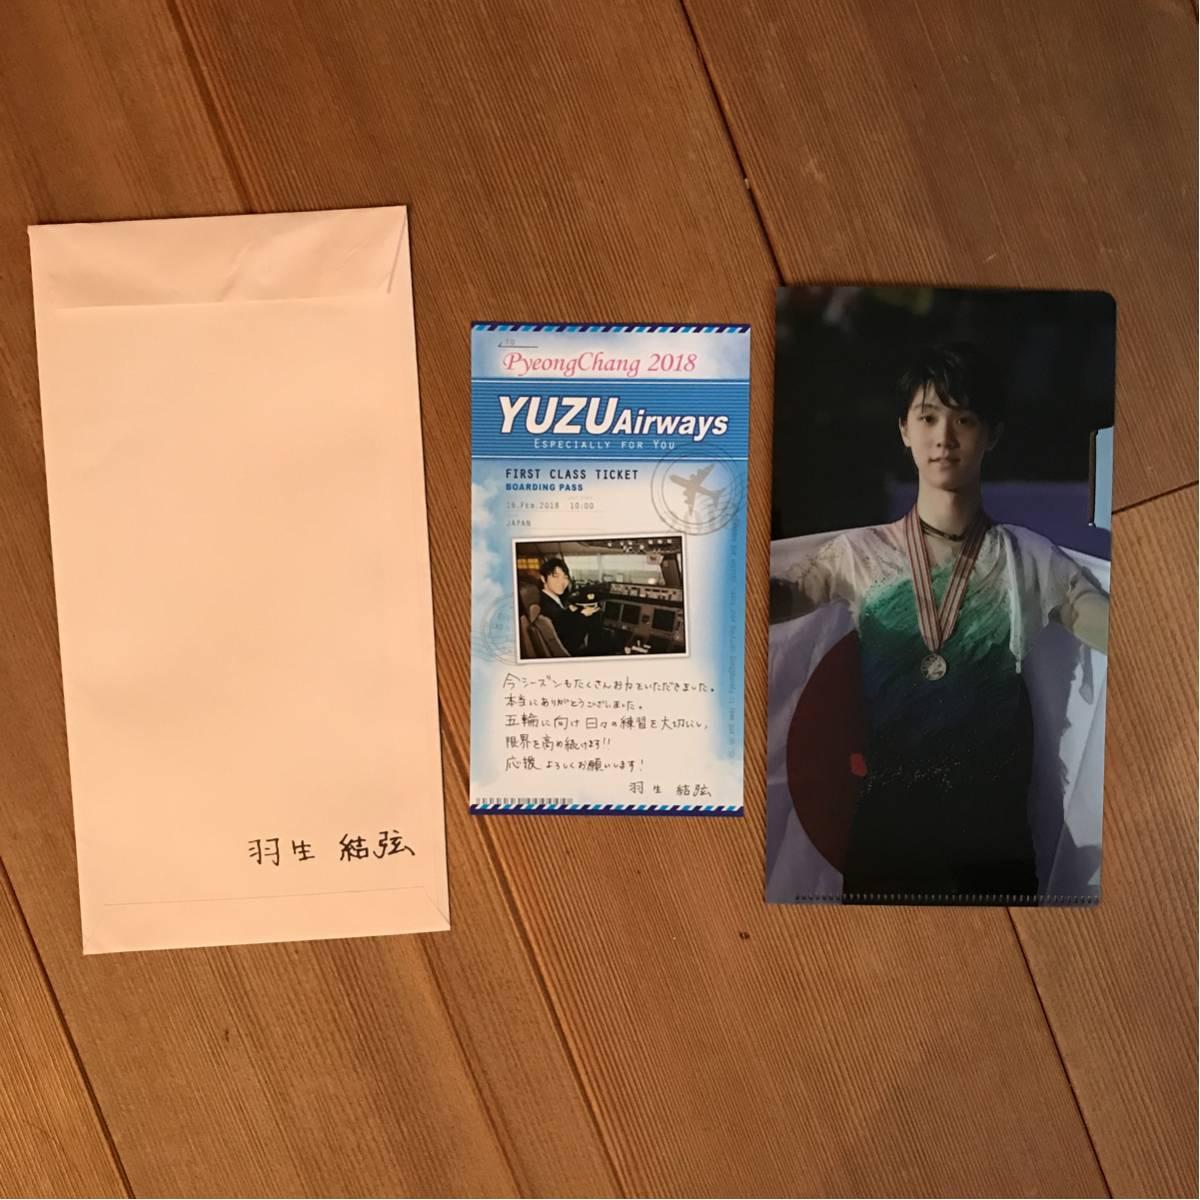 羽生結弦 ファンレター お返事 ミニクリアファイル ポストカード 封筒 セット グッズの画像